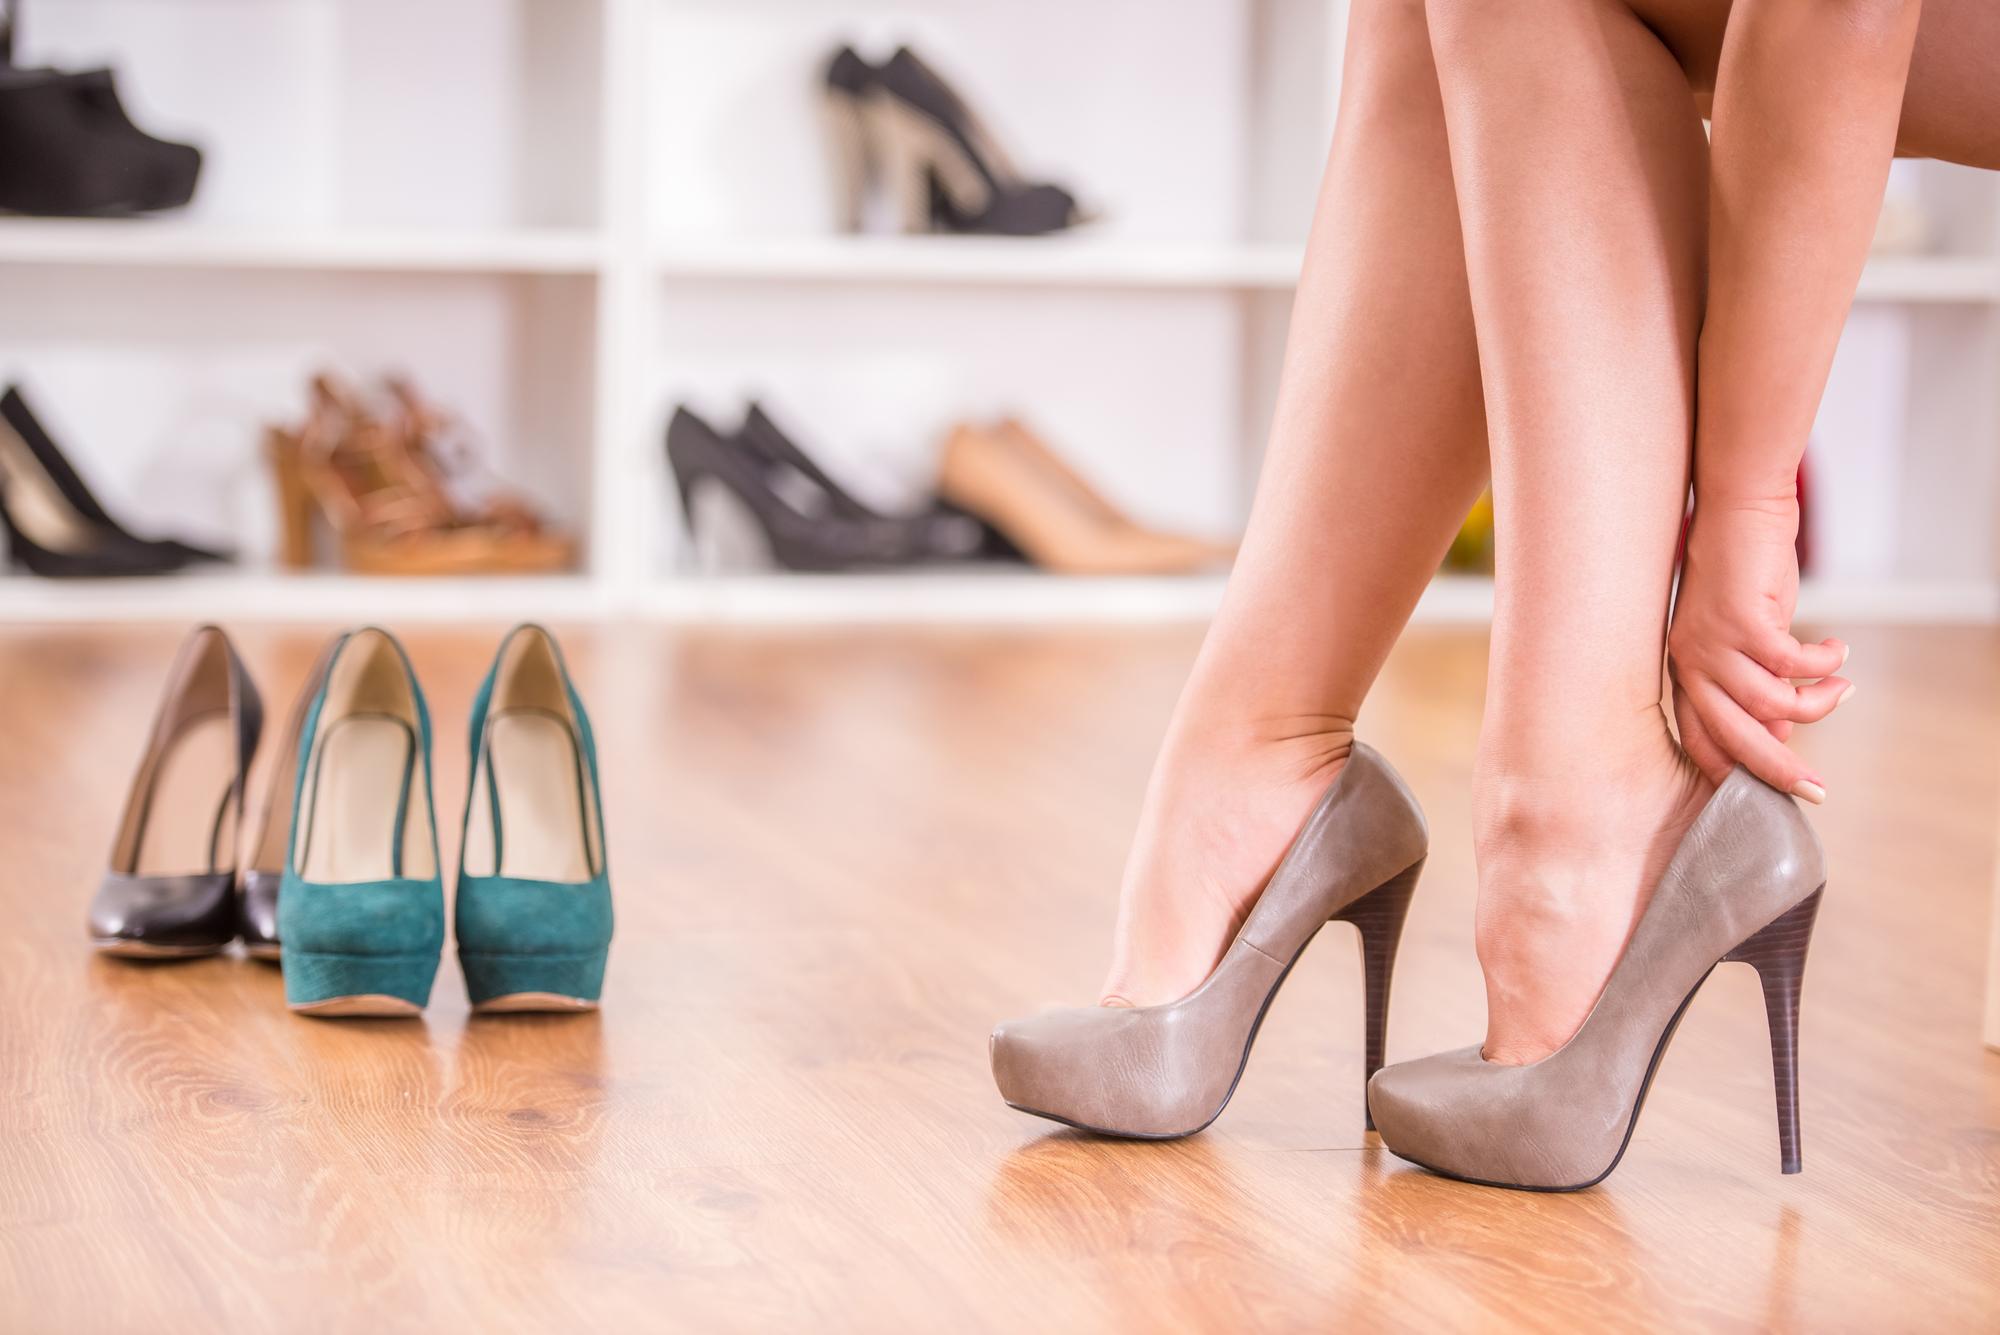 როგორ შევარჩიოთ მოდური ფეხსაცმელი?